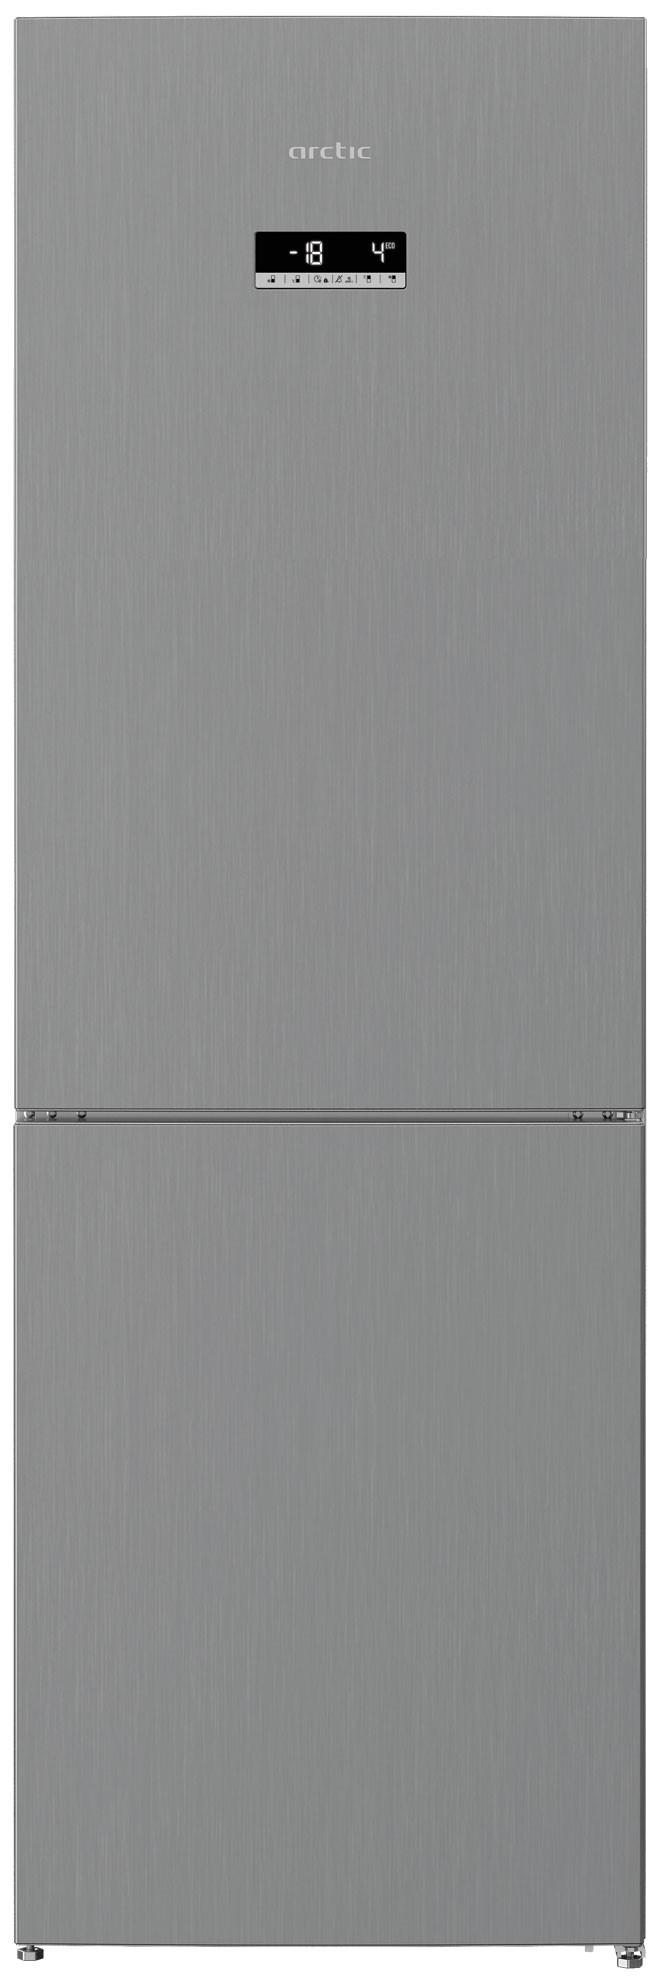 Combina frigorifica, Arctic, AK60366E40NFMT, 348 l, E, H 185,2  cm, Metal Look